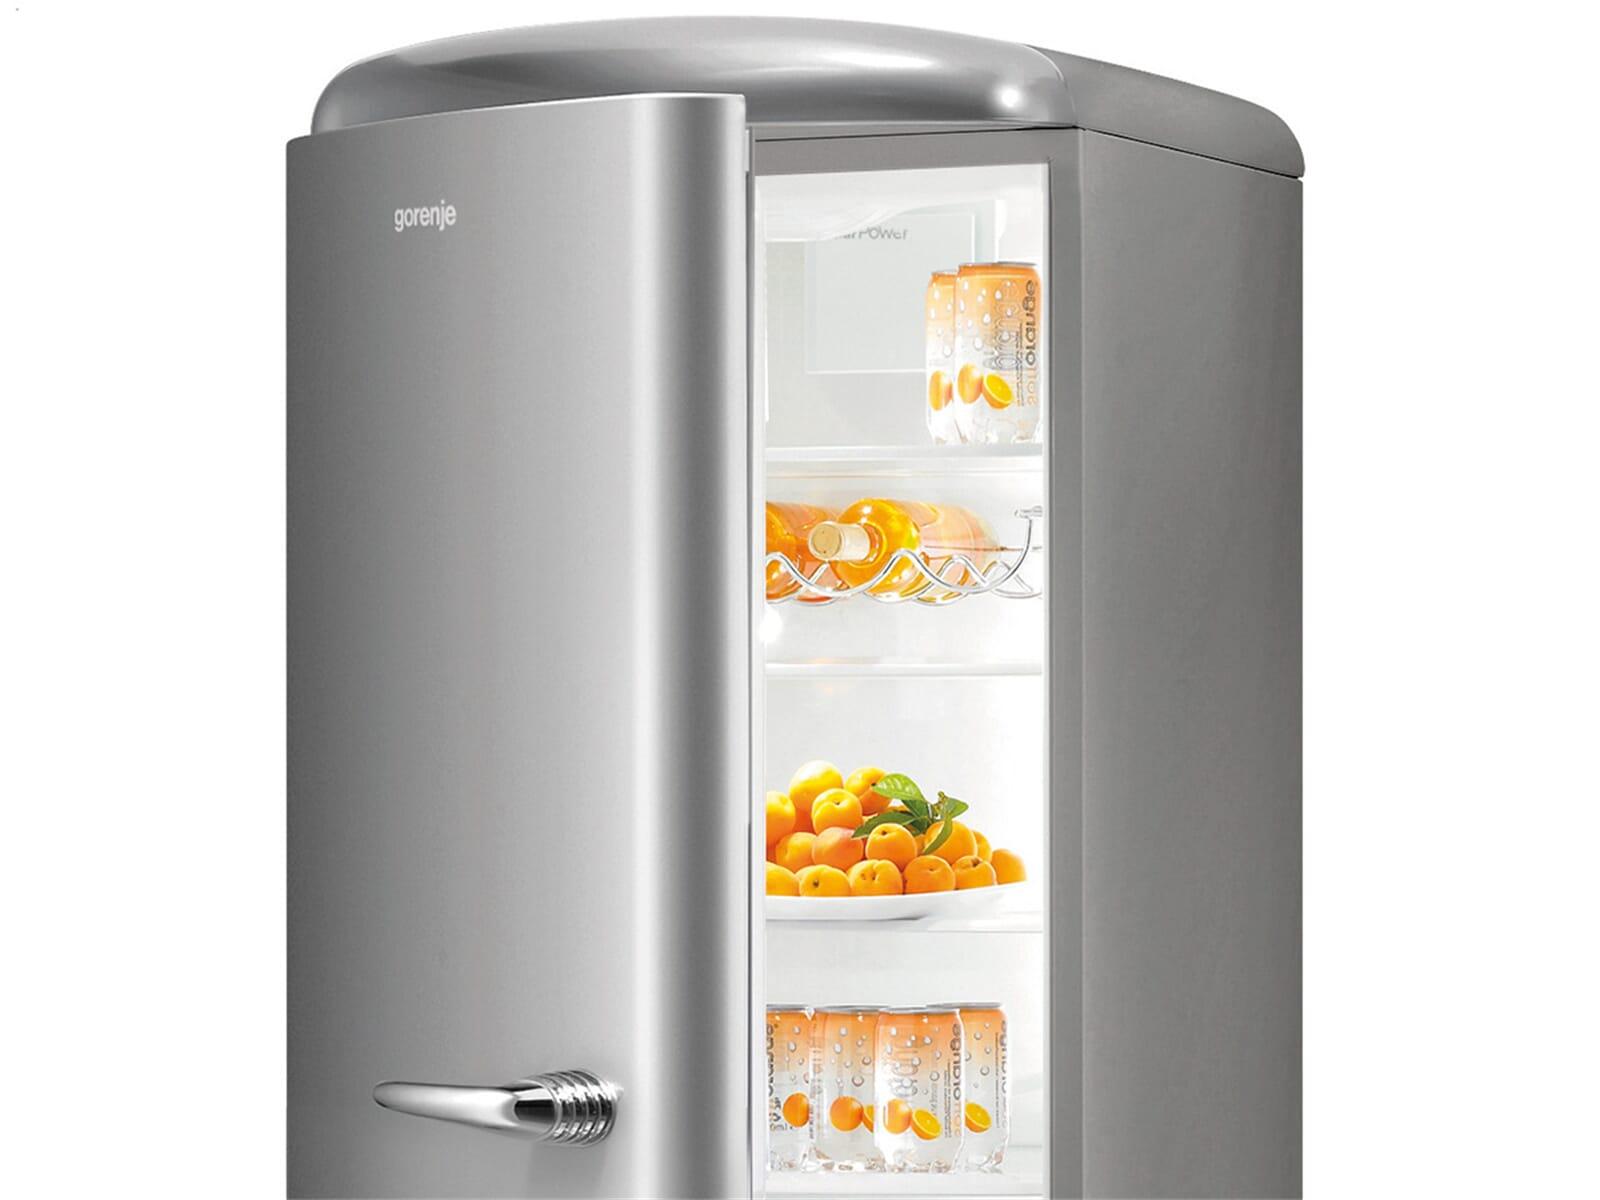 Gorenje Retro Kühlschrank Lampe Wechseln : Smeg kühlschrank lampe wechseln herd freistehend retro